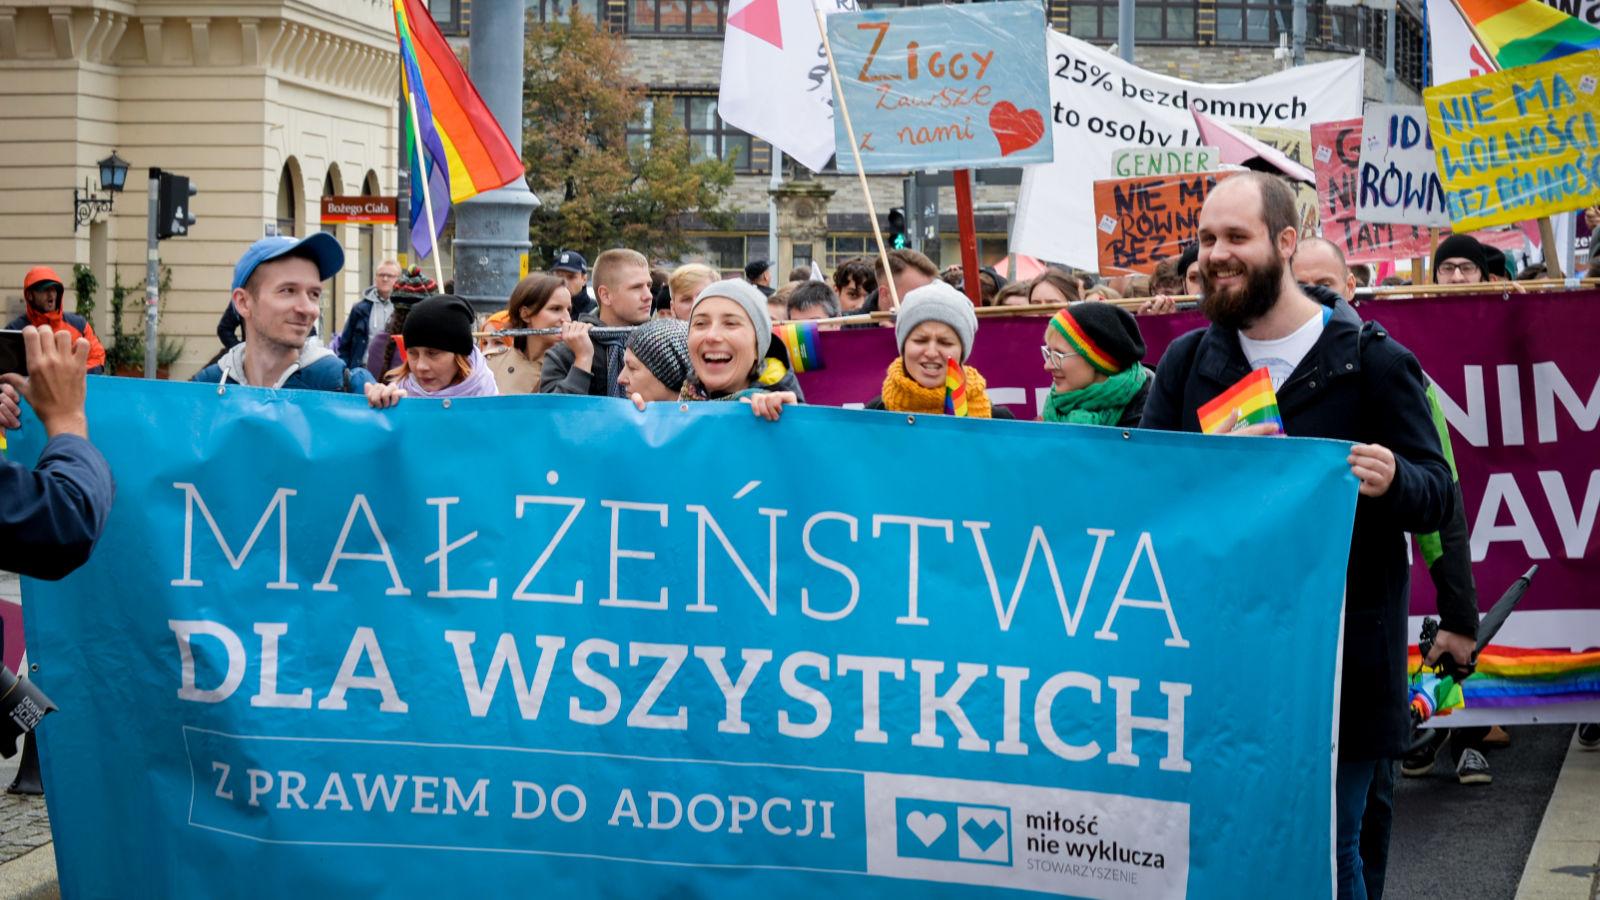 Jakie związki partnerskie proponuje Nowoczesna? Opinia MNW